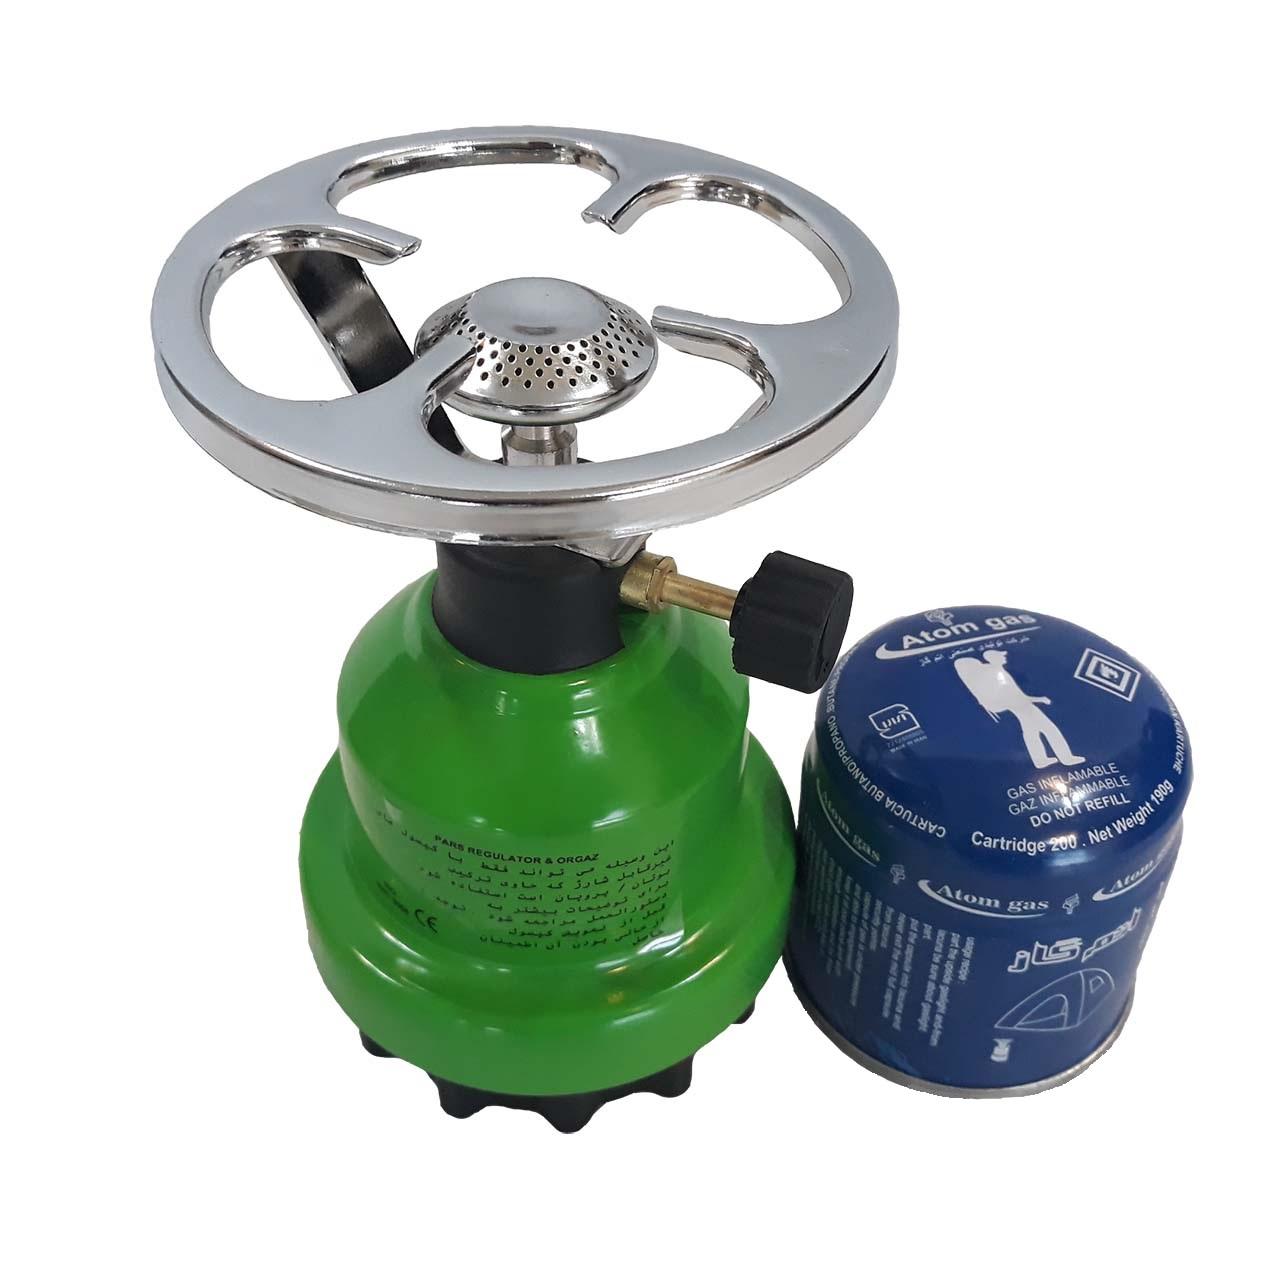 خرید                     اجاق گاز سفری اوراکمپ کد 22016 همراه با کپسول